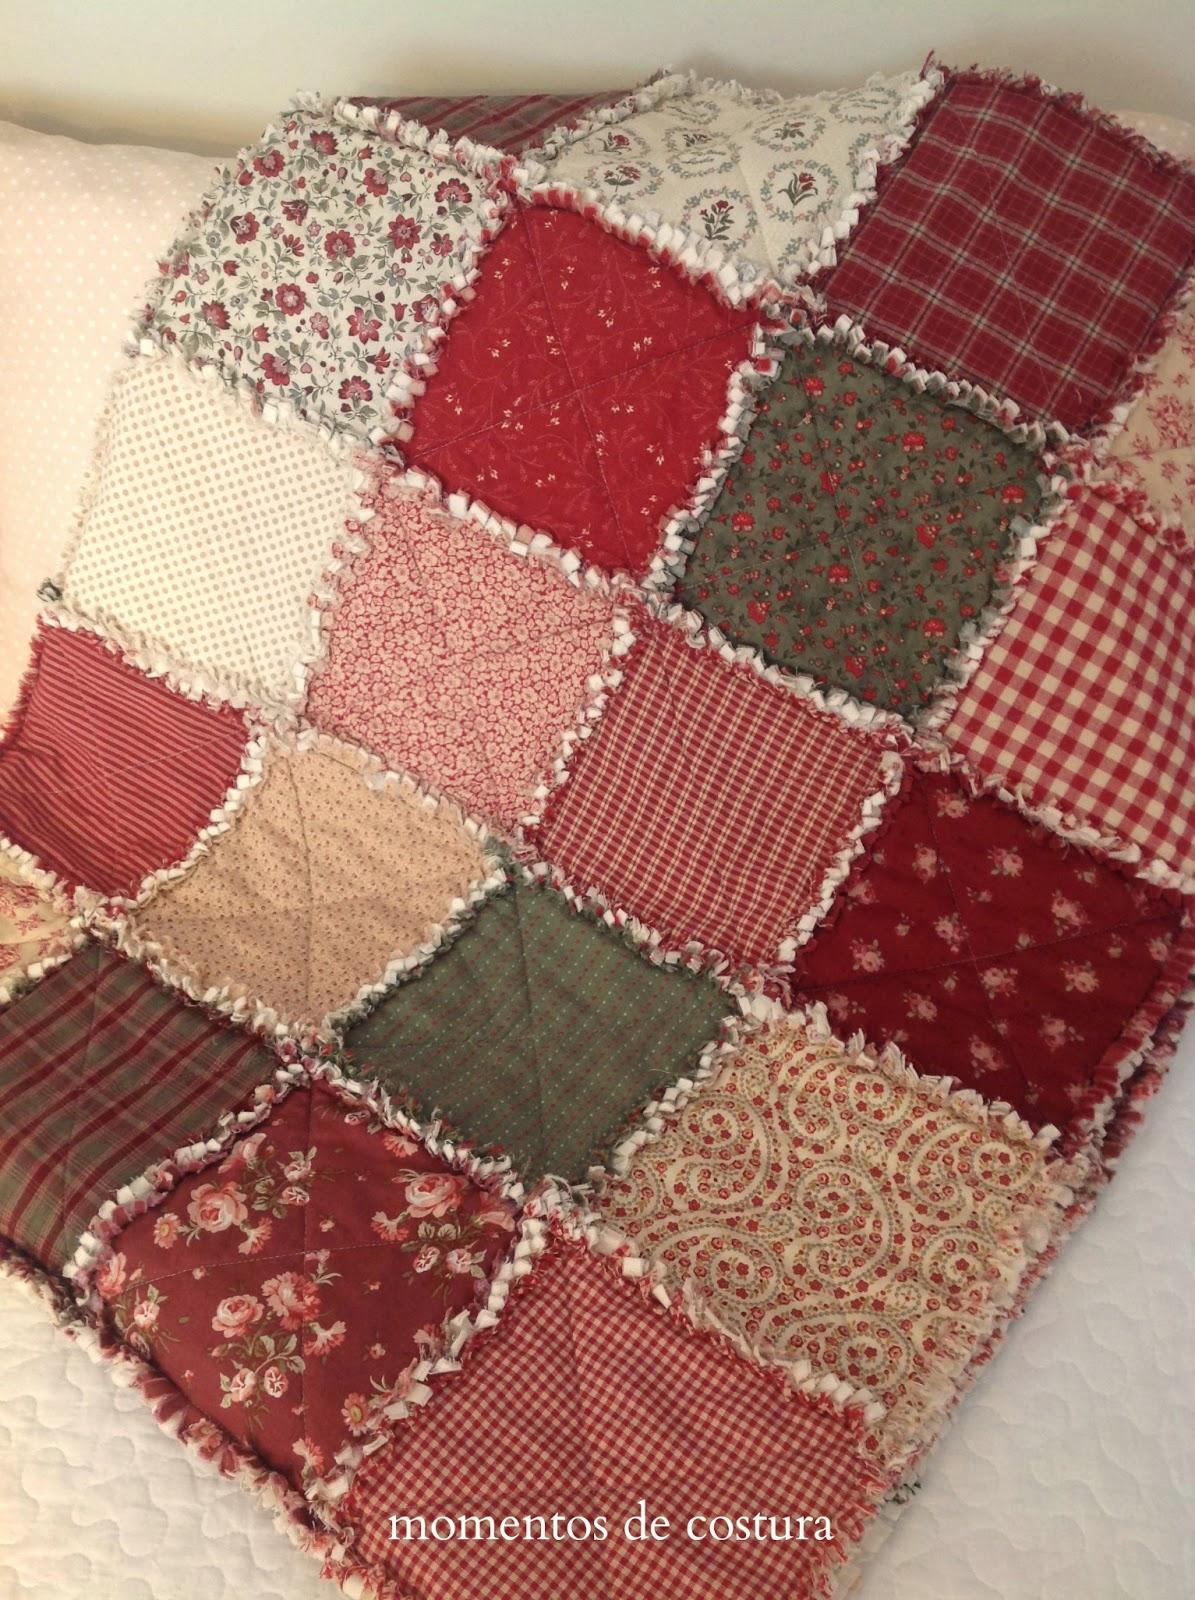 Momentos de costura mi manta rag quilt - Como hacer mantas de patchwork ...